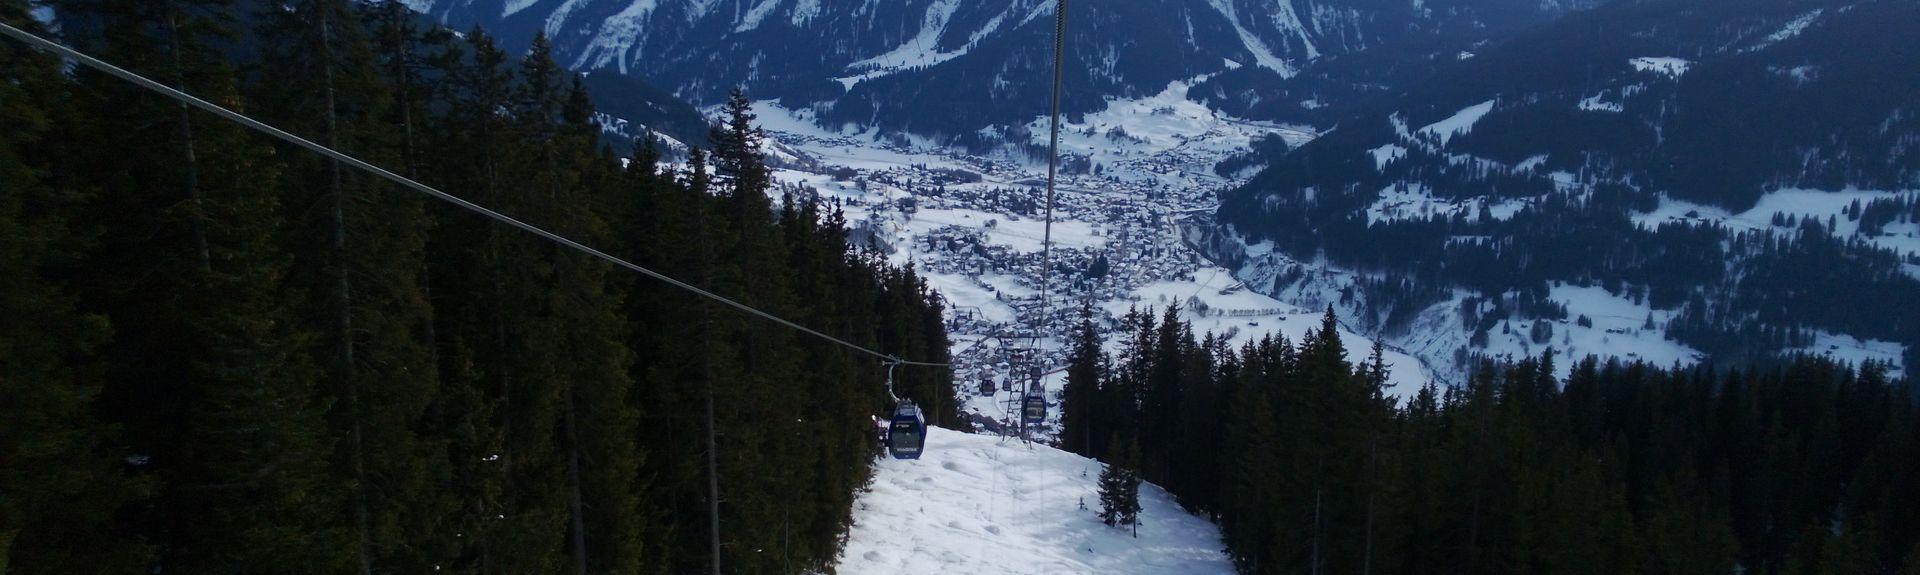 Küblis, Graubünden, Schweiz